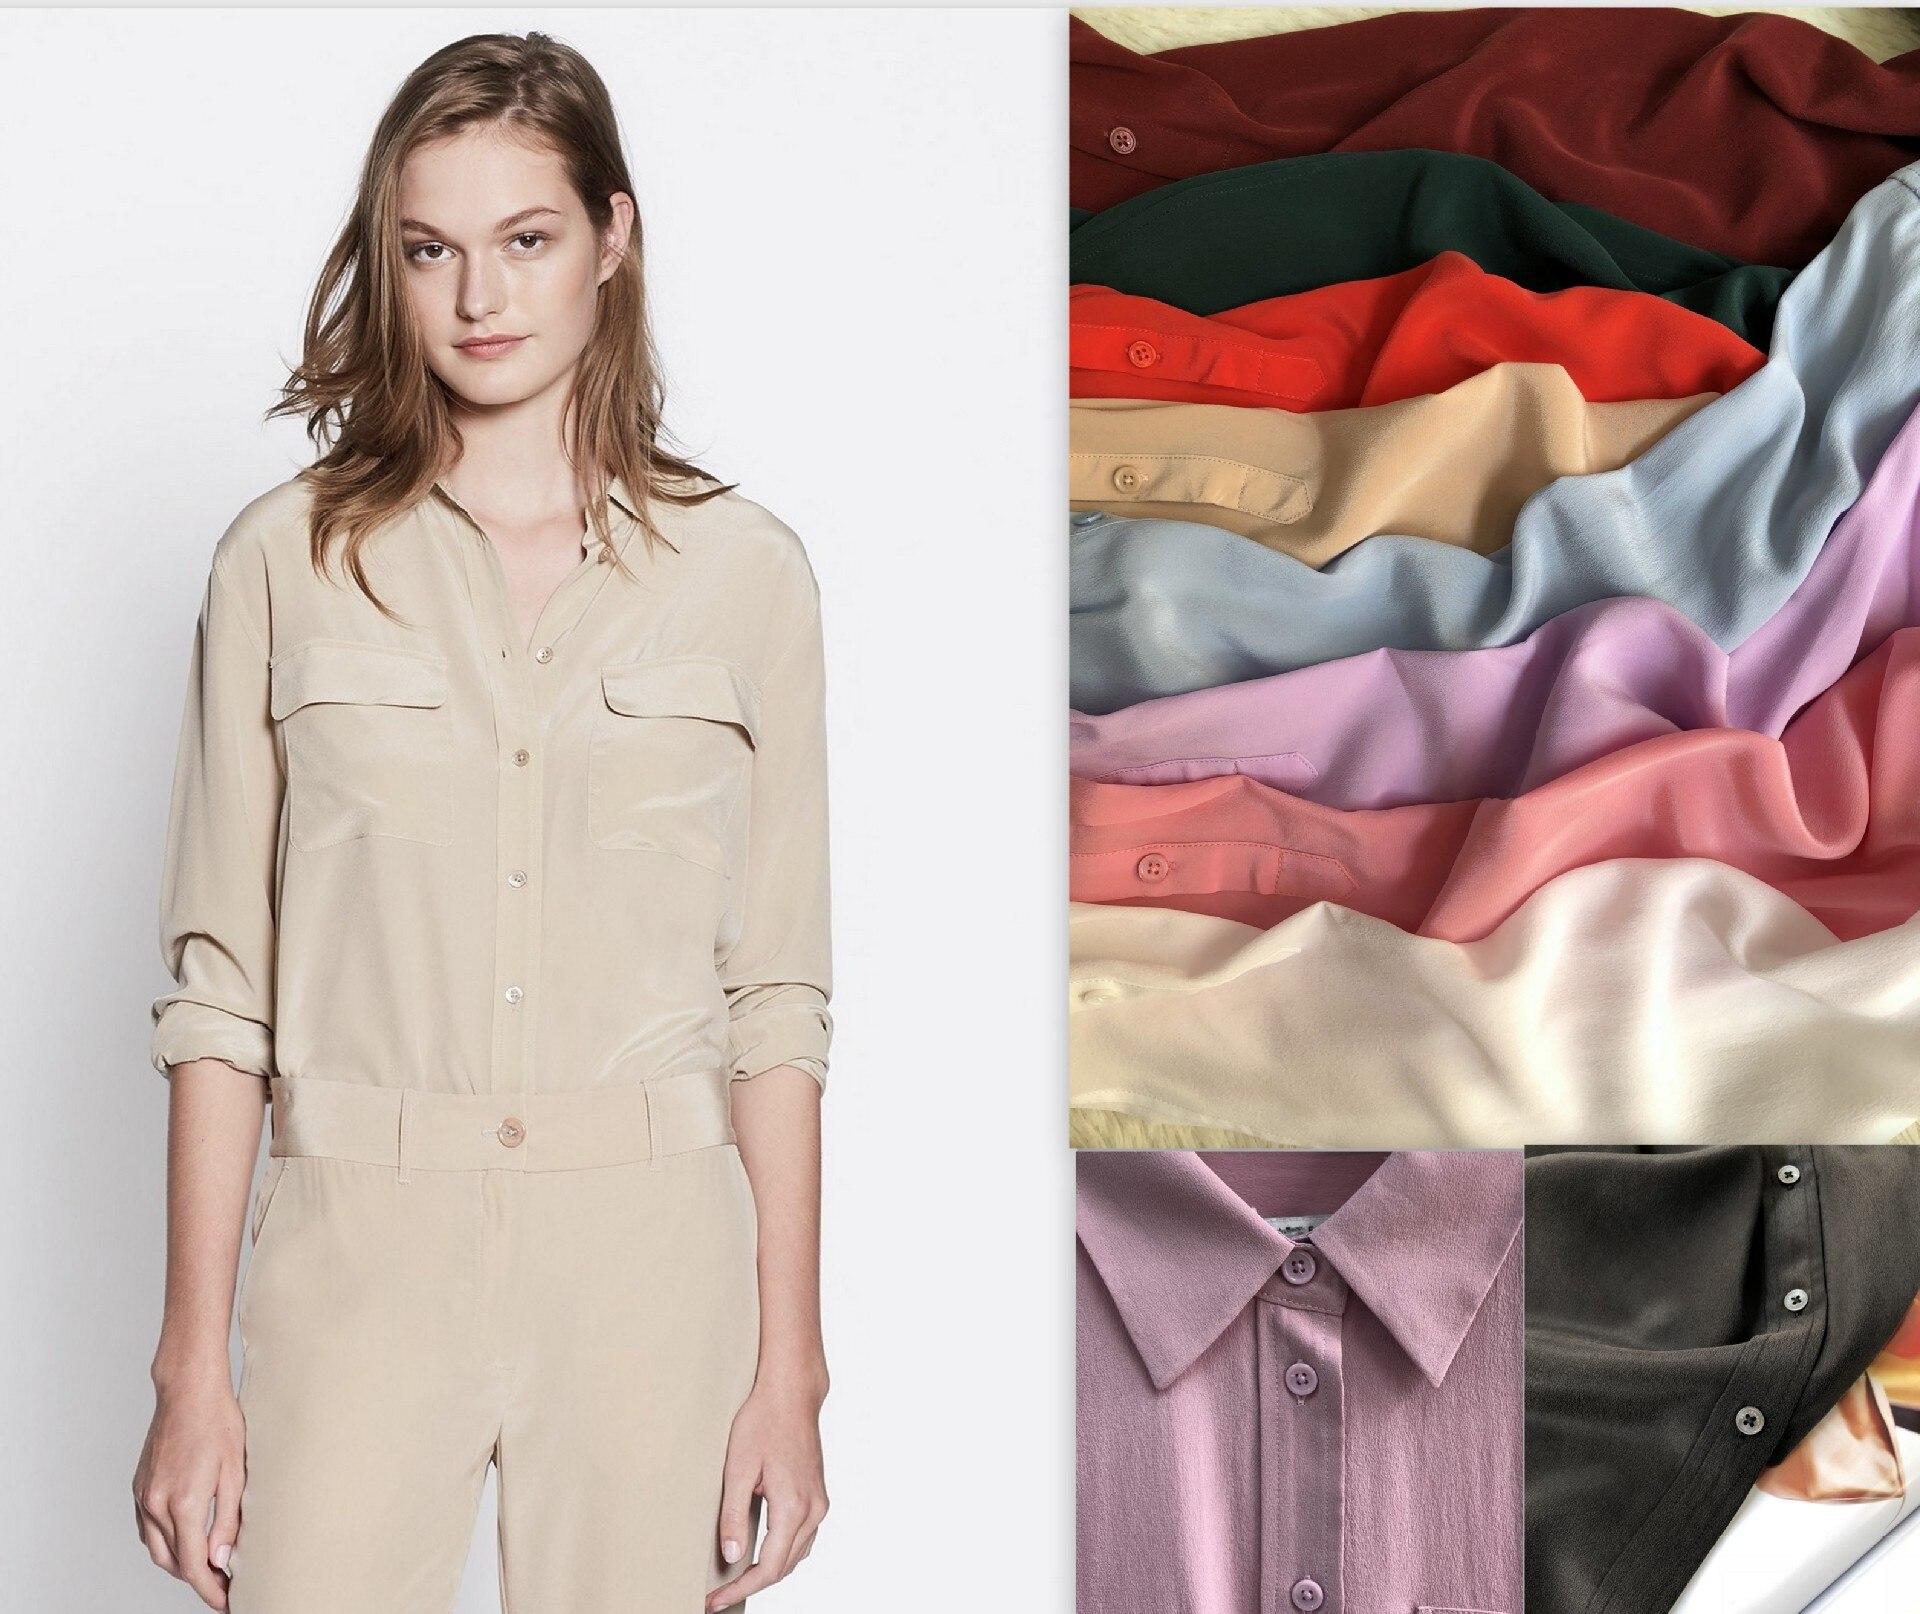 Vrouwen Shirt 2019 Zand Wassen Zijde Klassieke Dubbele Pocket Lange Mouwen Vrouwen Shirt Womens Tops en Blouses-in Blouses & Shirts van Dames Kleding op  Groep 2